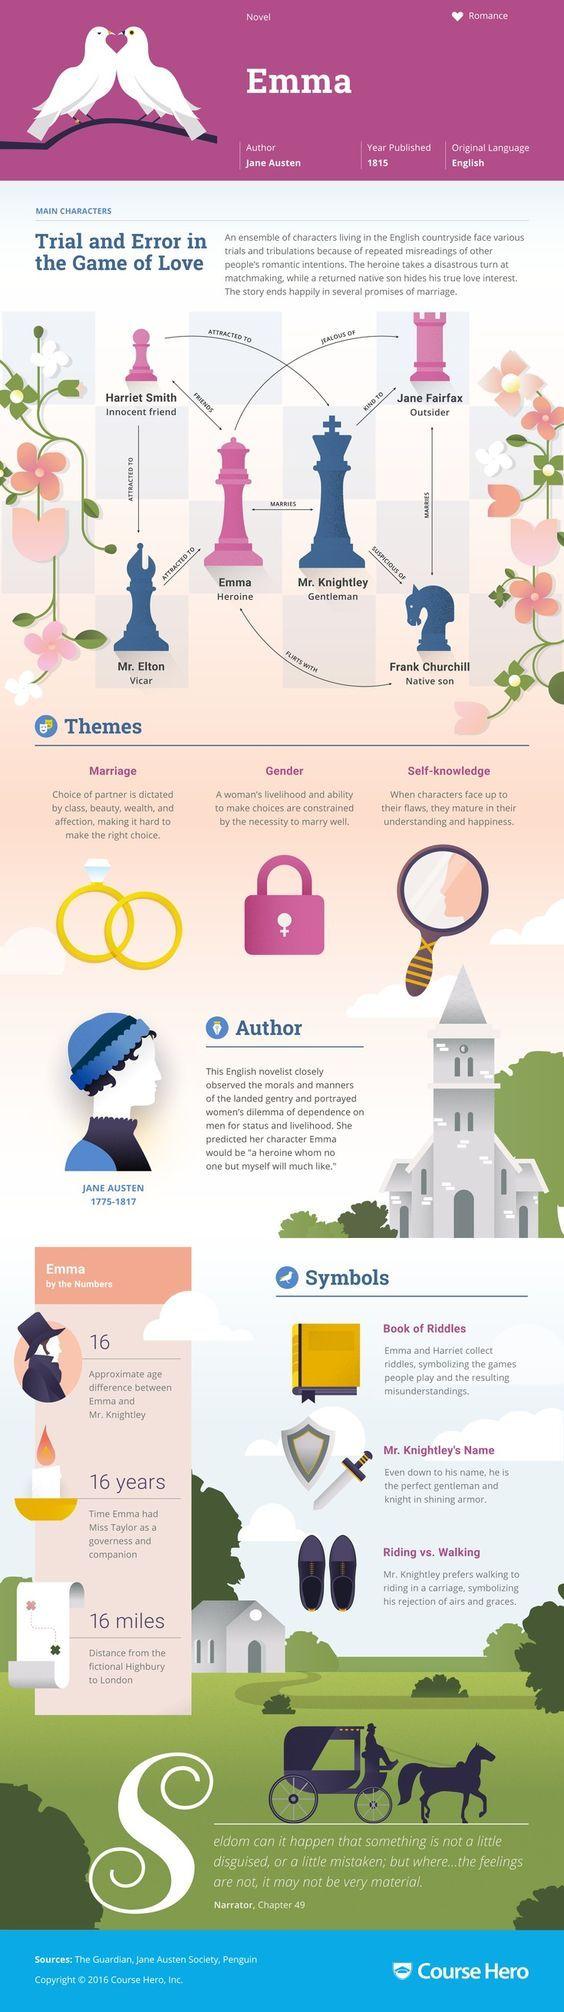 Toda la historia de la novela de Jane Austen; Emma en pocos minutos